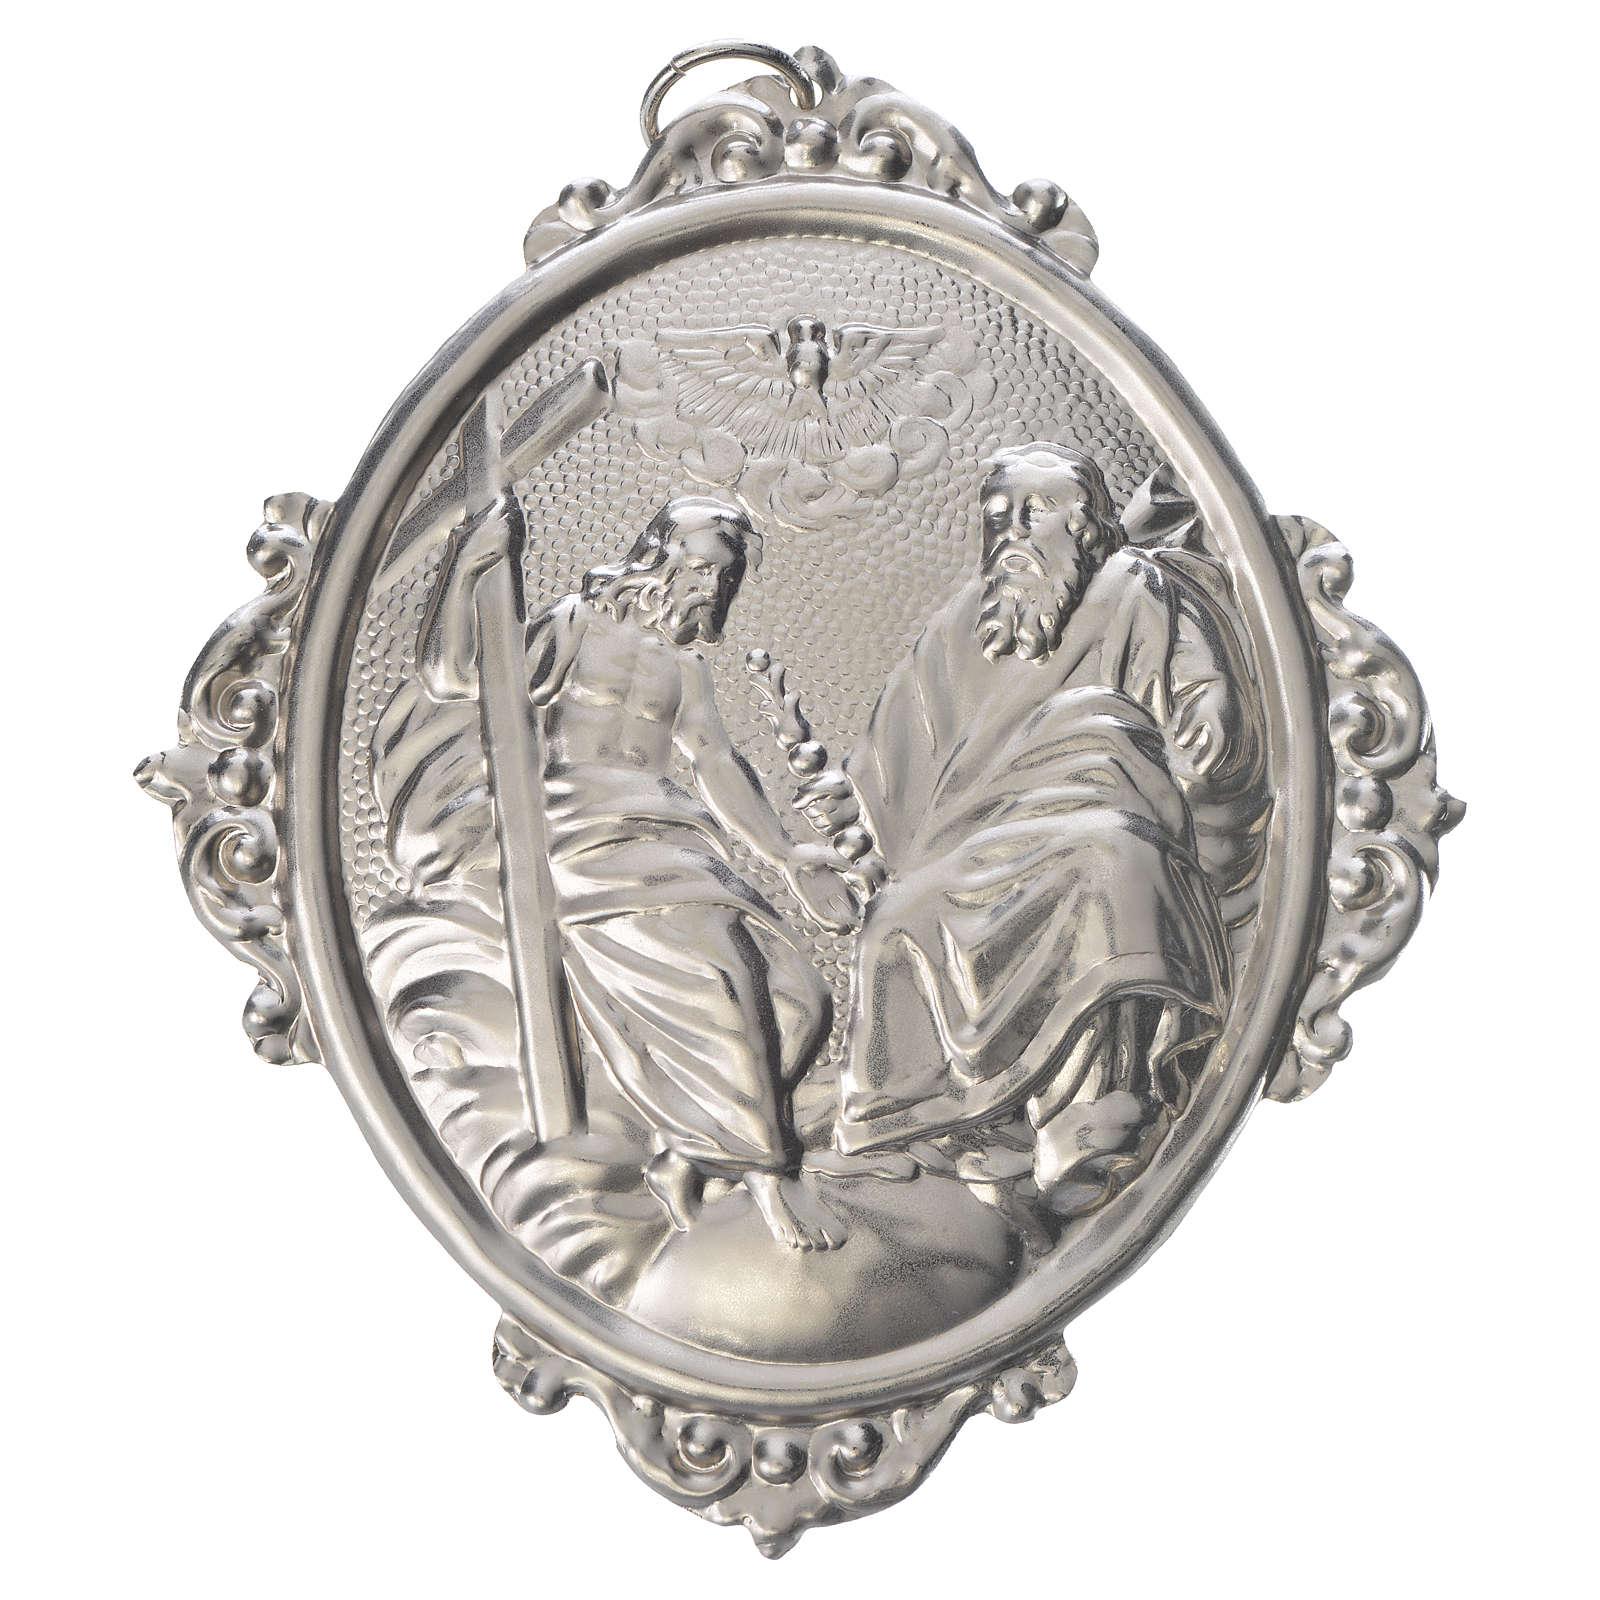 Medalla cofradía SS. Trinidad metal 3